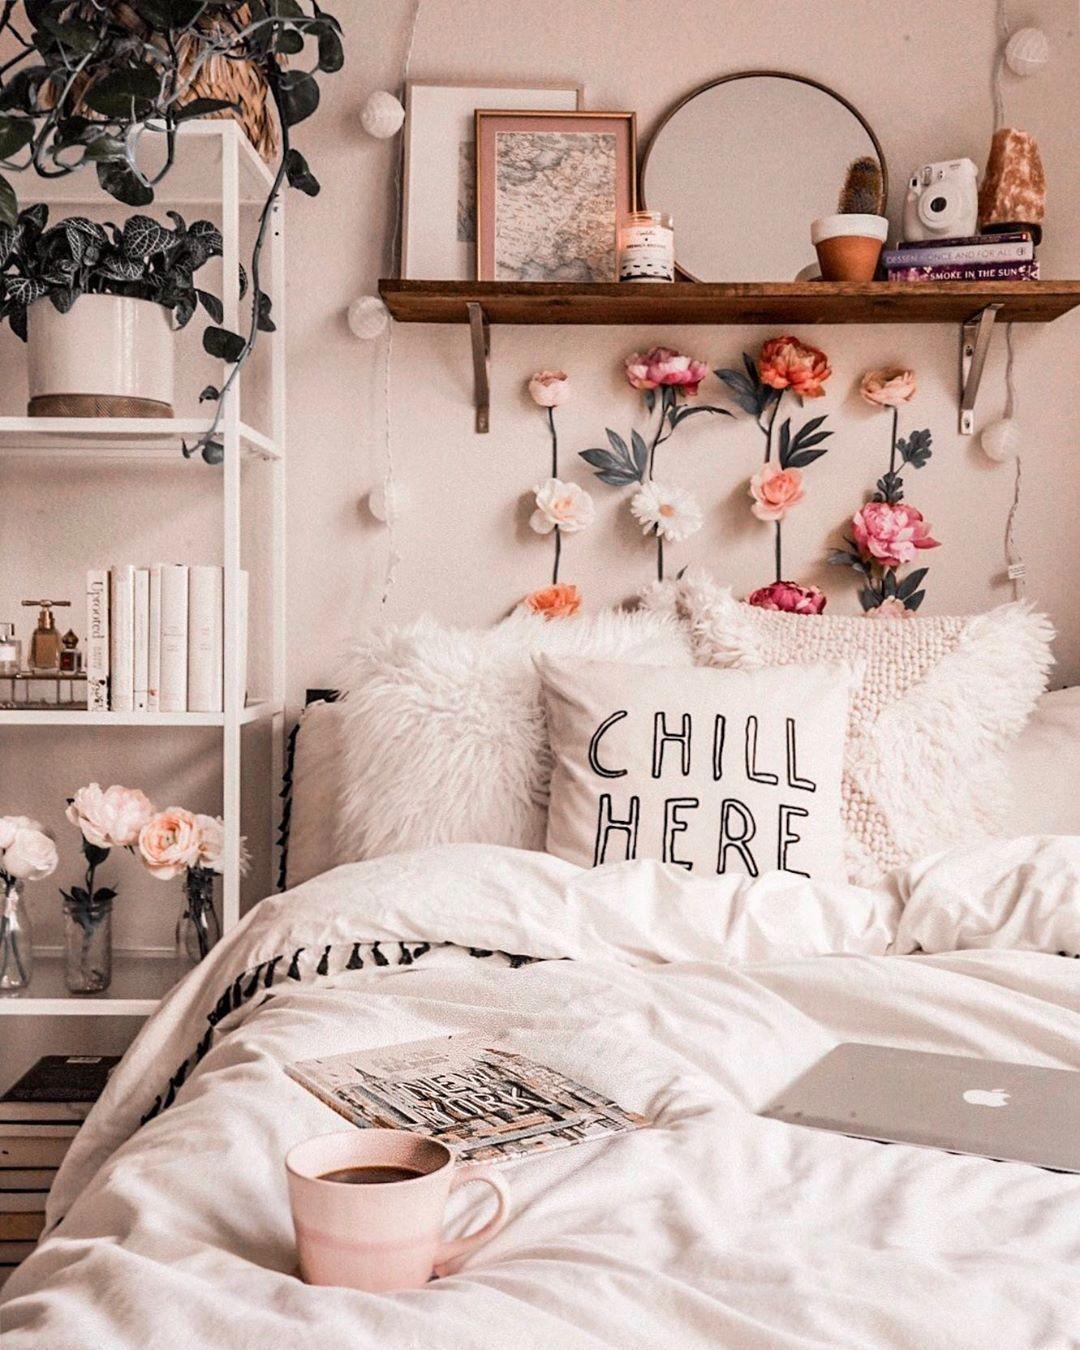 pretty cool bedroom decoration idea